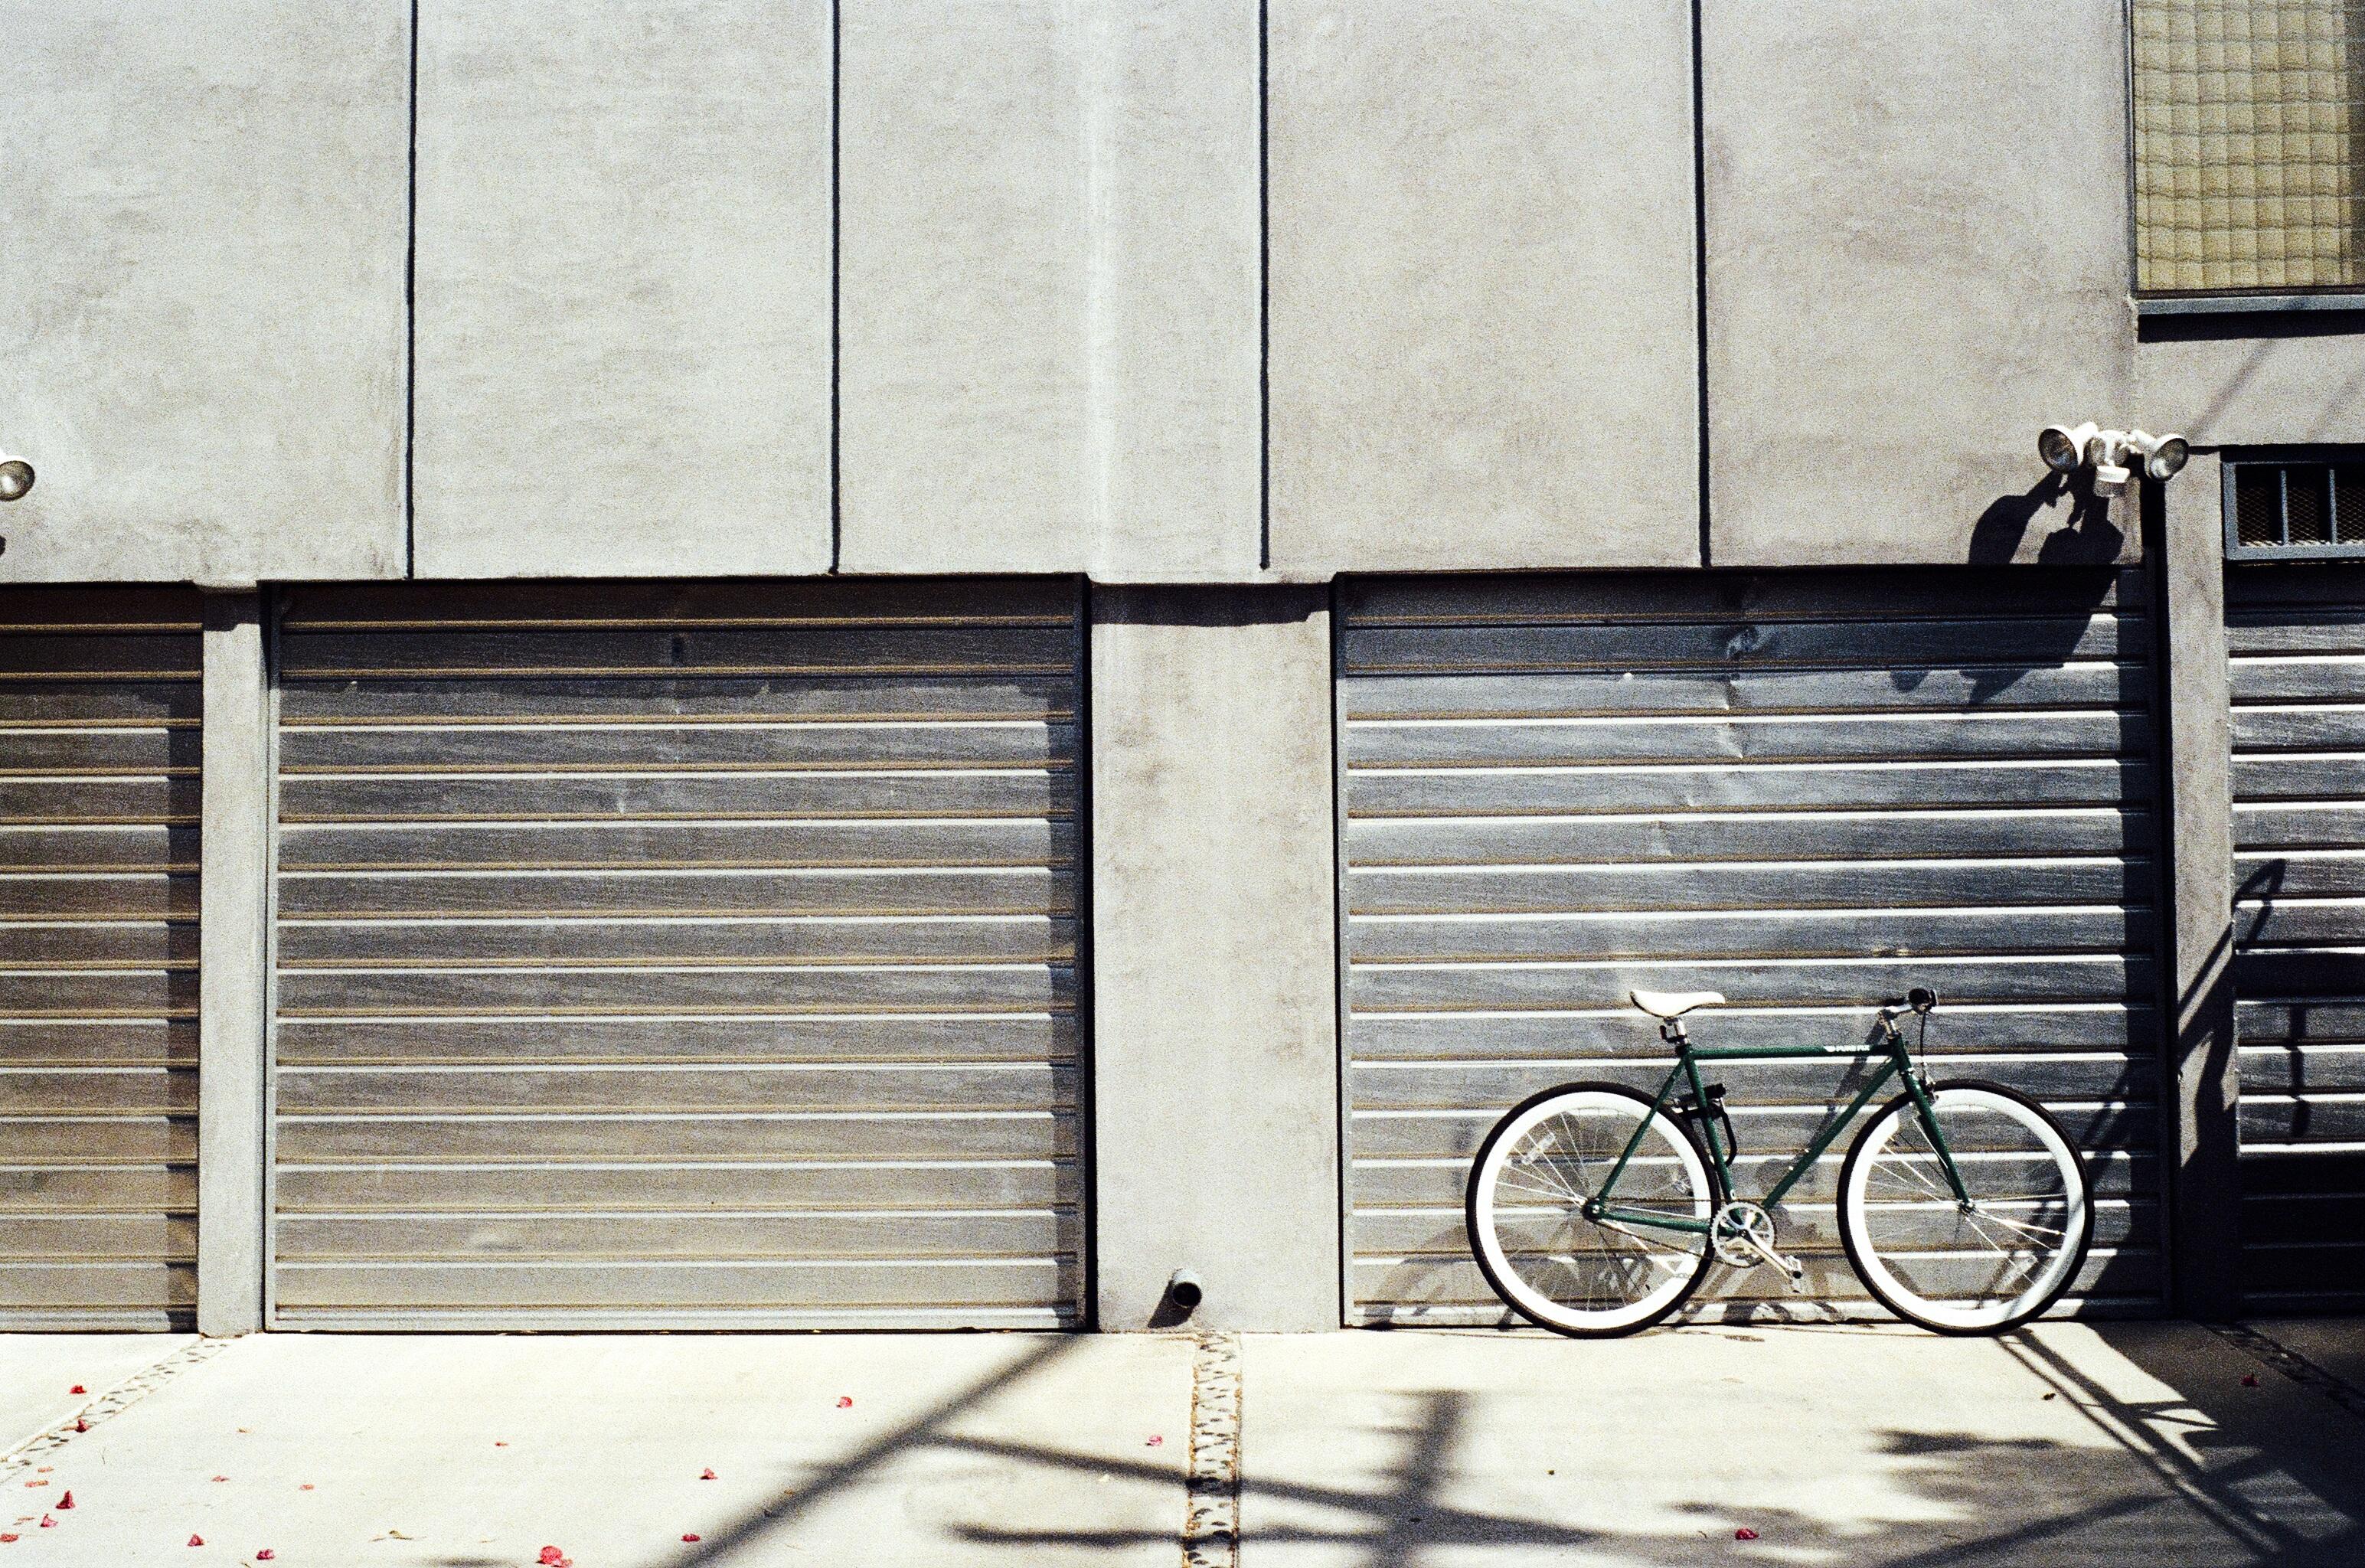 Tür Garage Haus kostenlose foto holz weiß haus fenster fahrrad städtisch